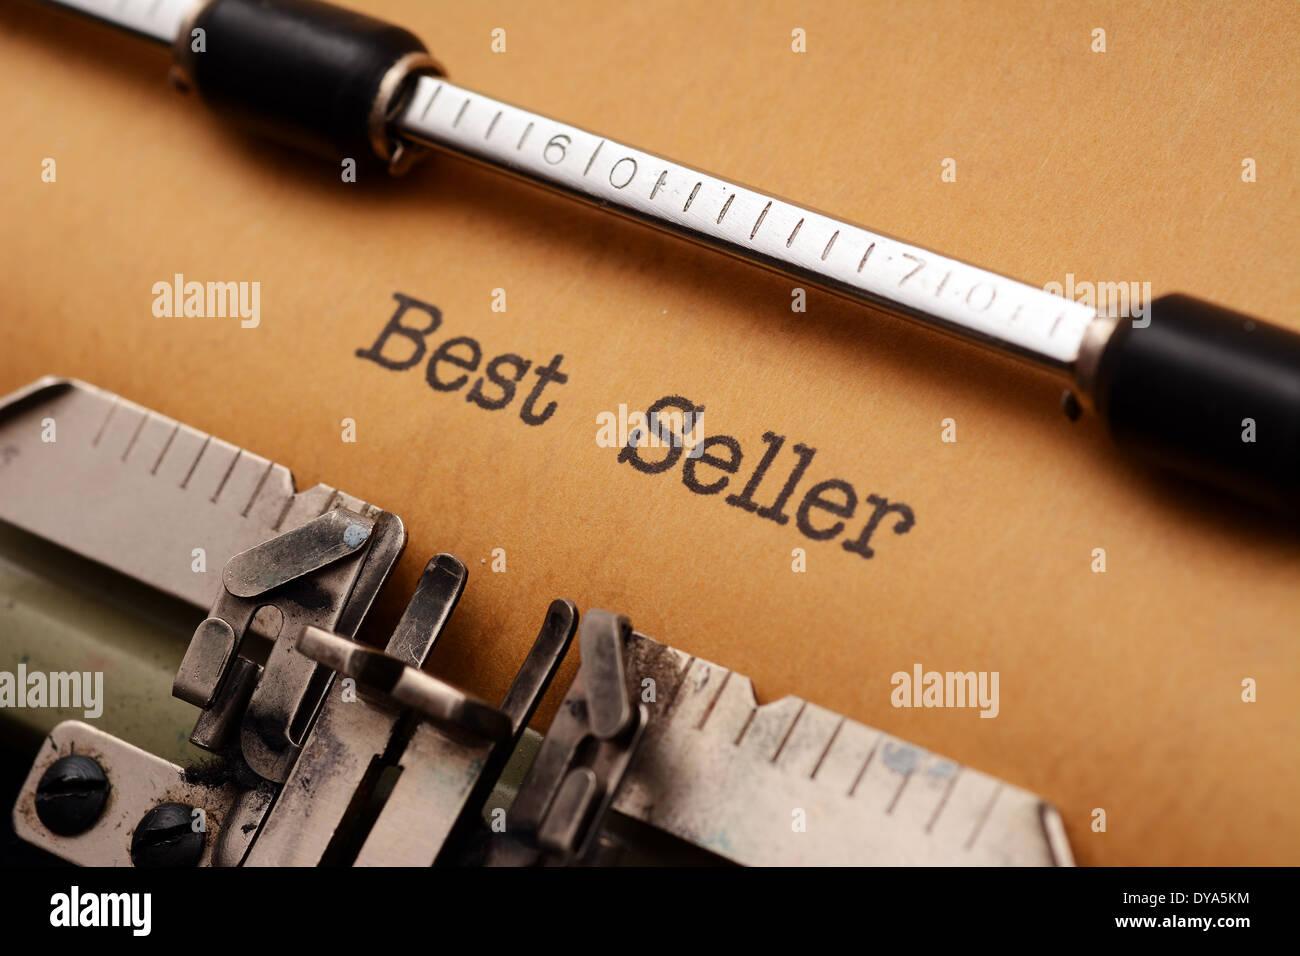 Best seller text on typewriter Stock Photo